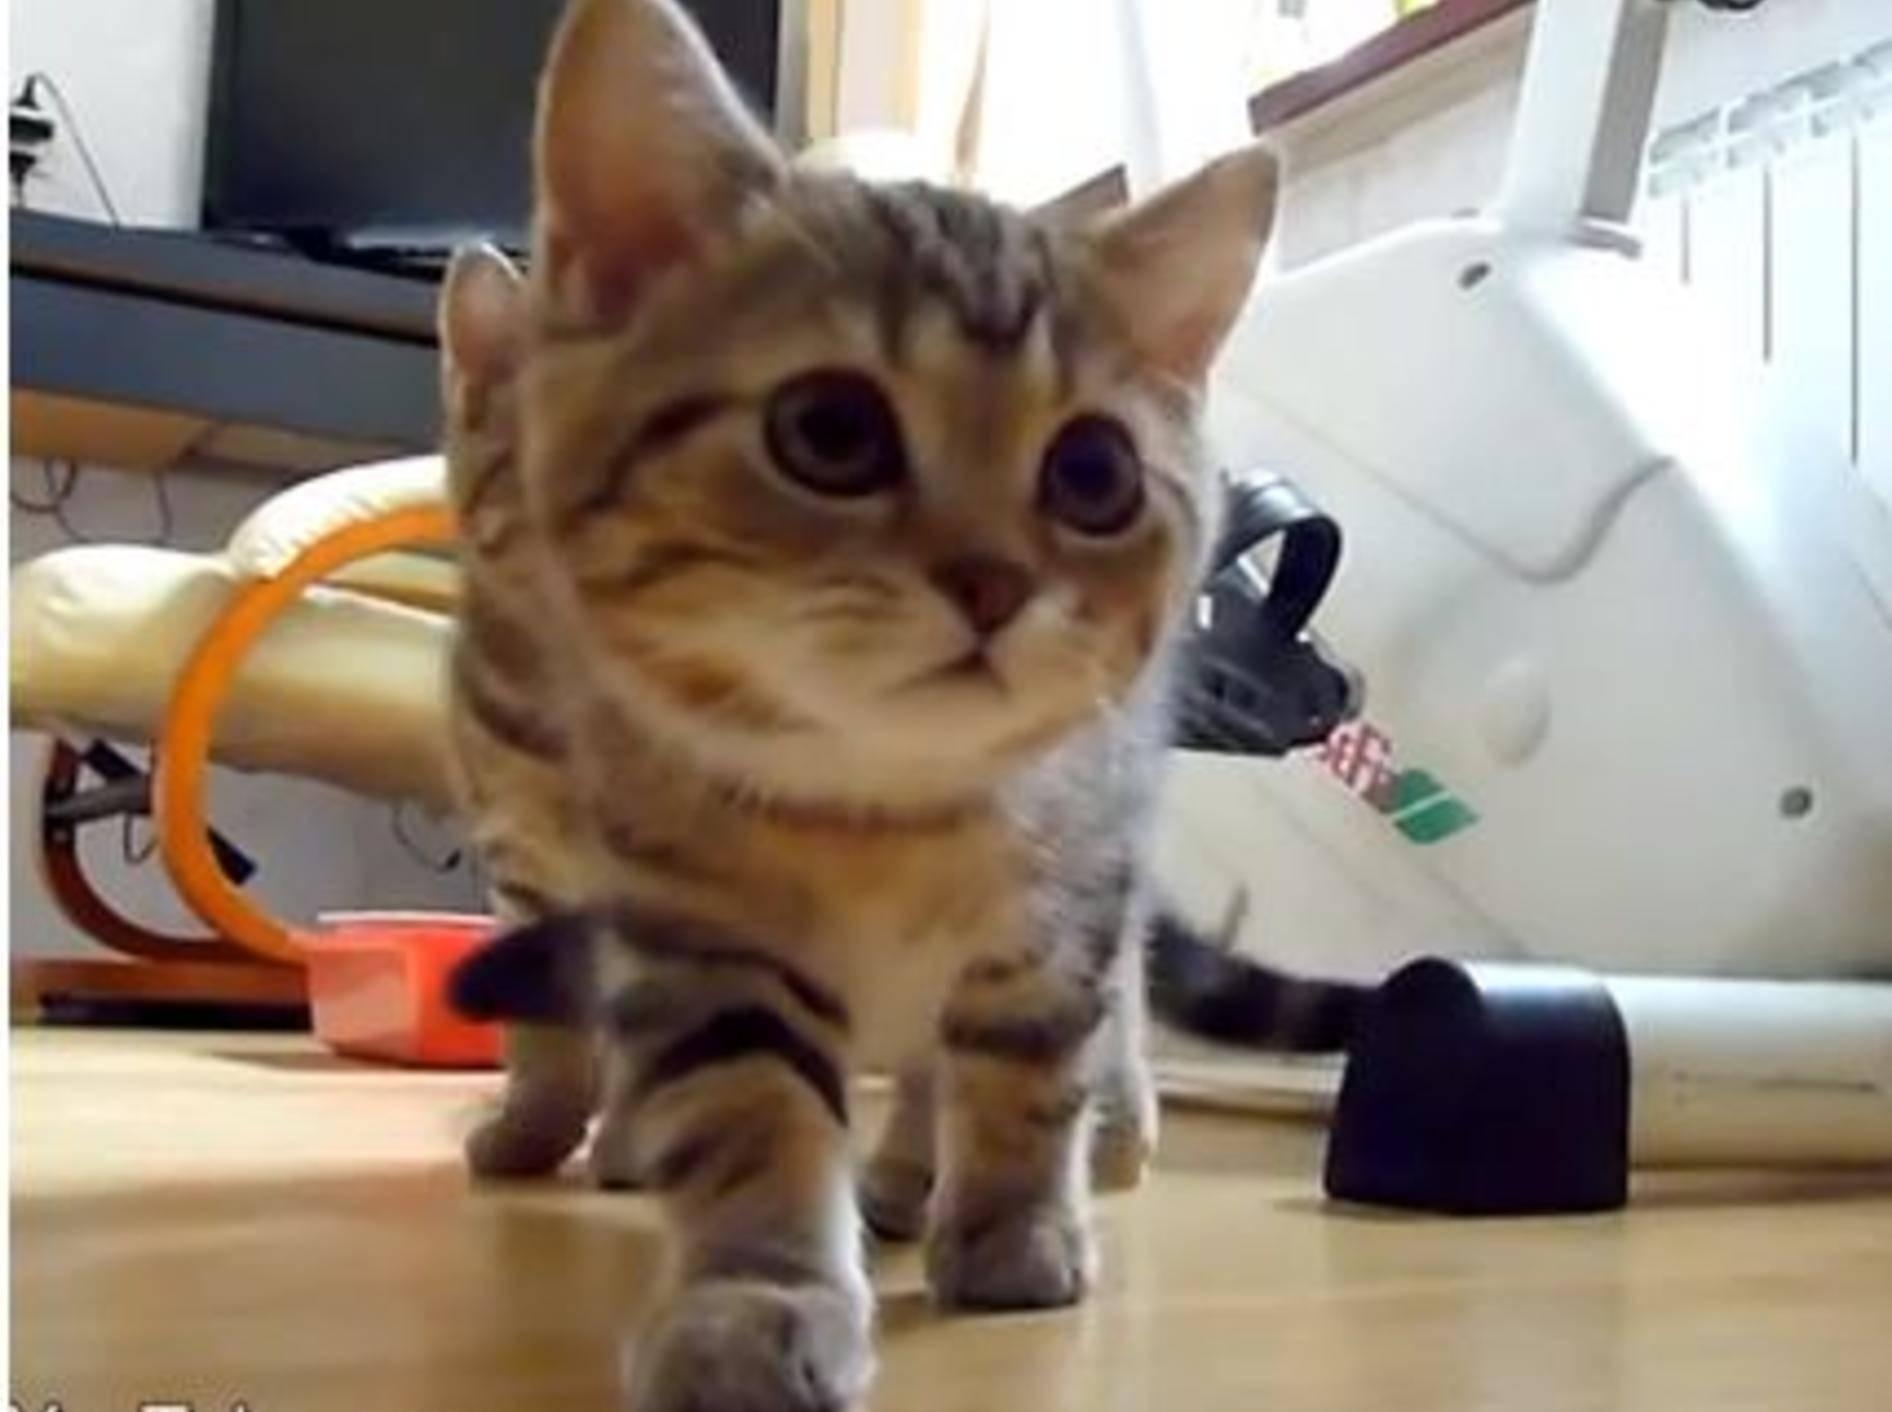 Kinotauglich: Drei Katzen auf geheimnisvoller Mission — Bild: Youtube / Funnycatsandnicefish